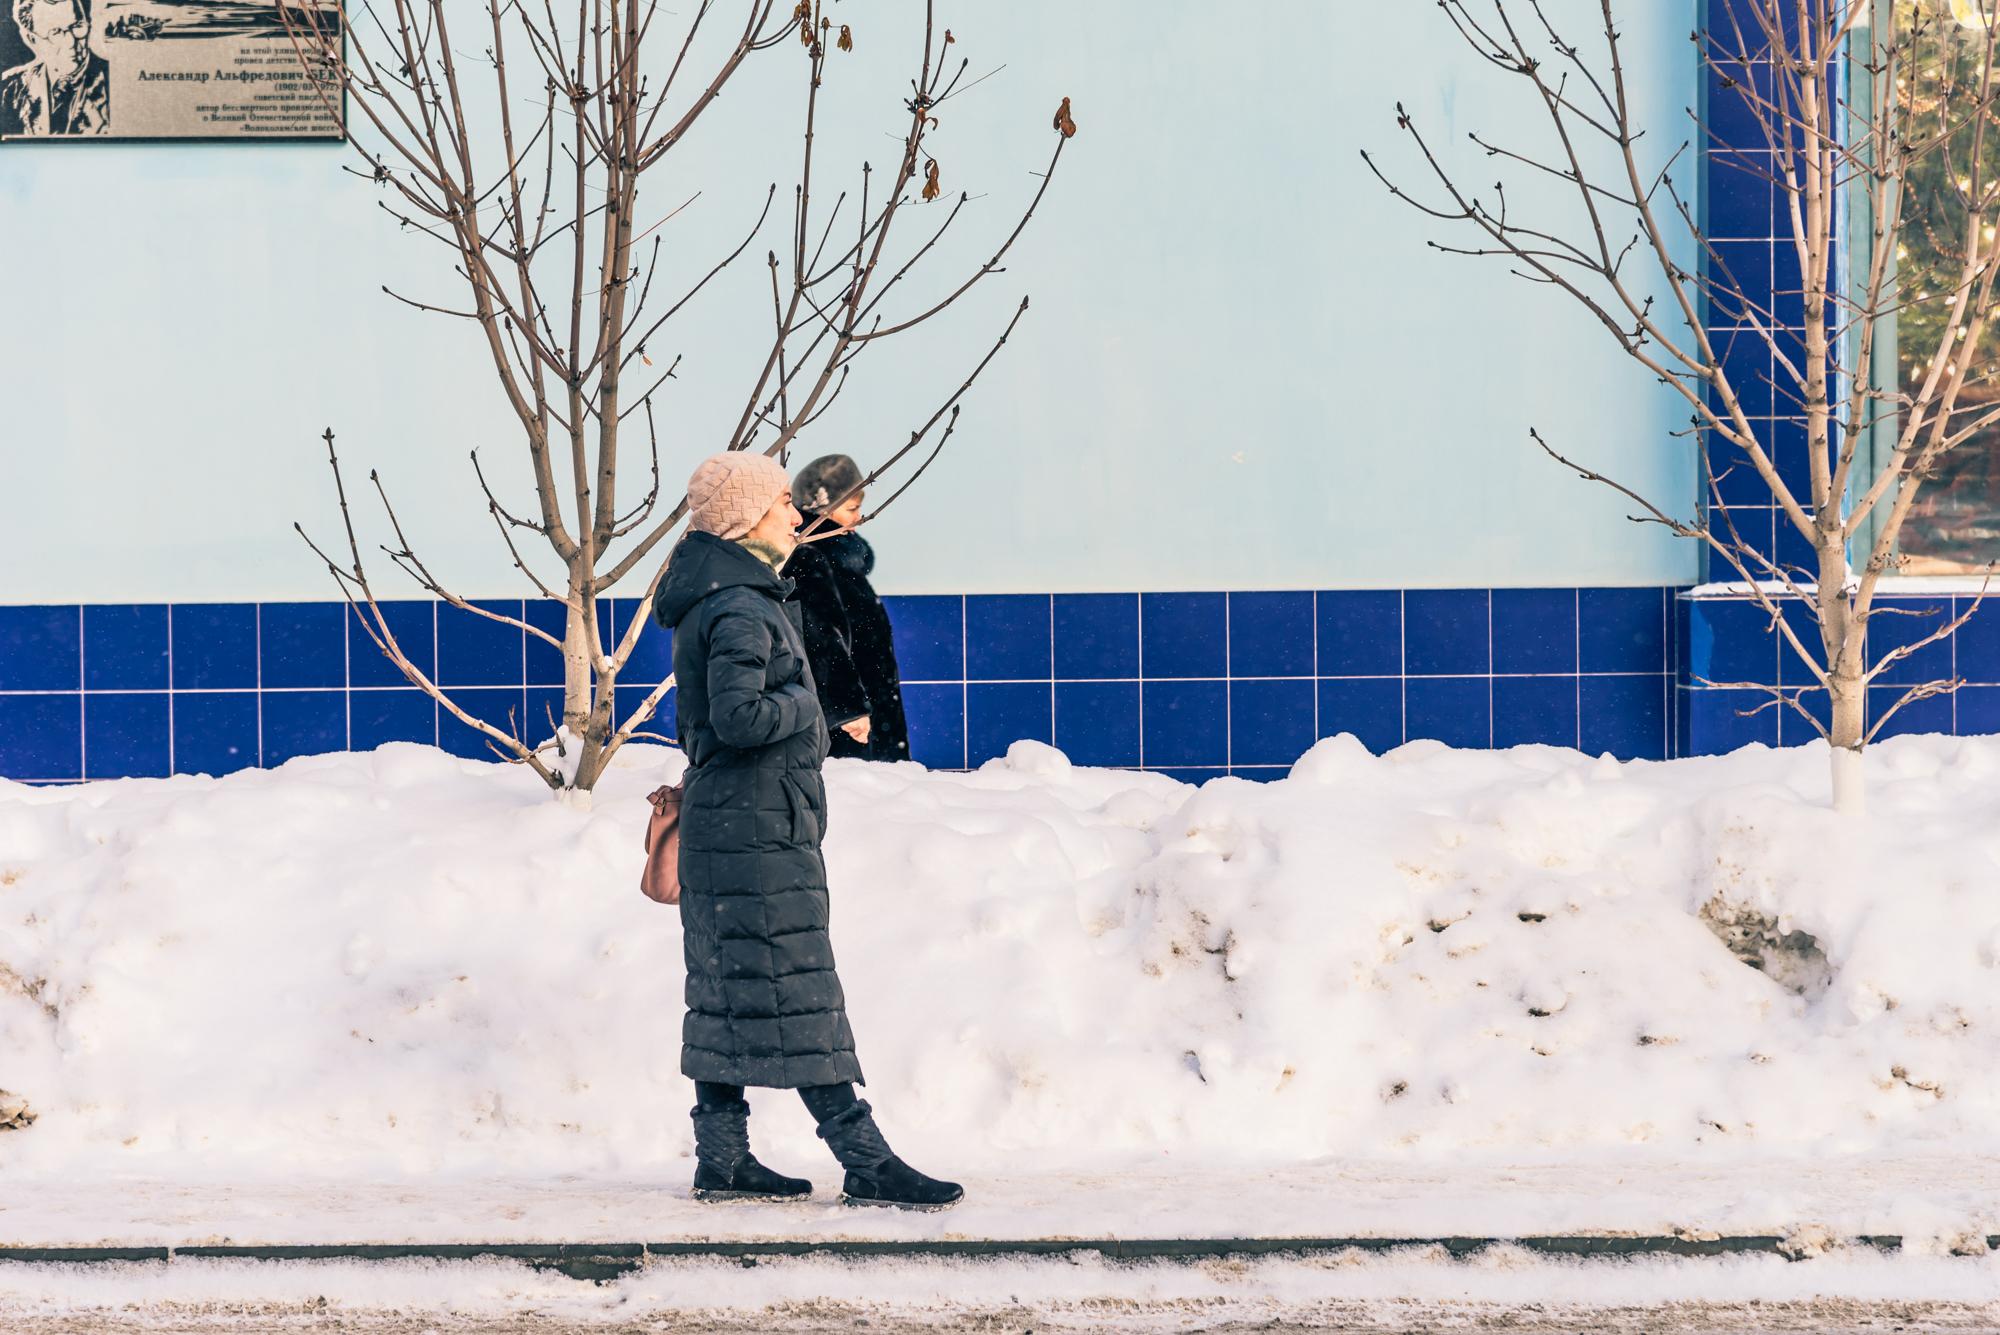 зимняя уличная фотография